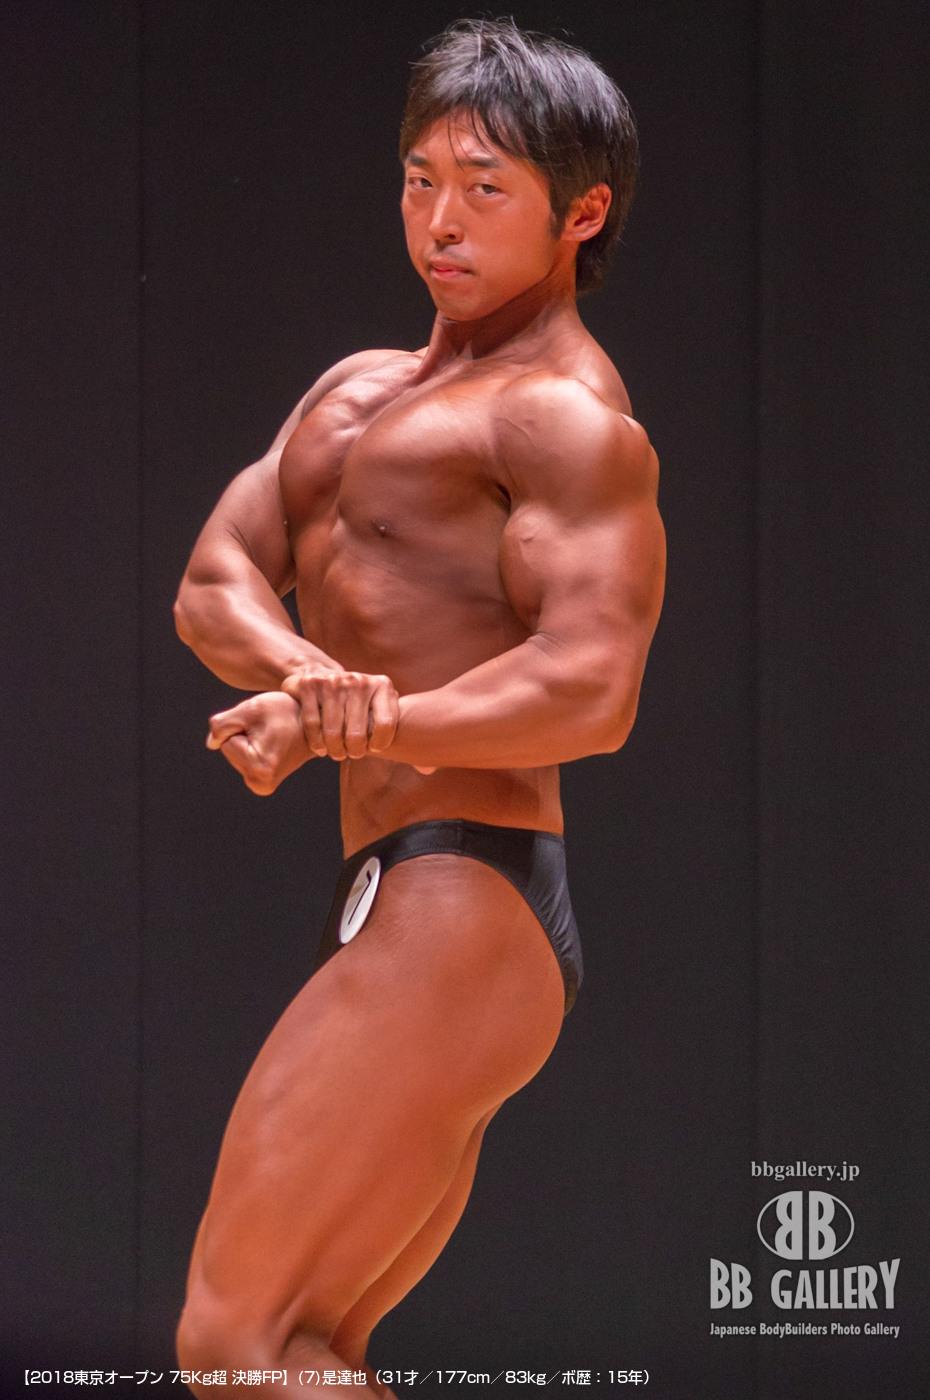 【2018東京オープン 75Kg超 決勝FP】(7)是達也(31才/177cm/83kg/ボ歴:15年)